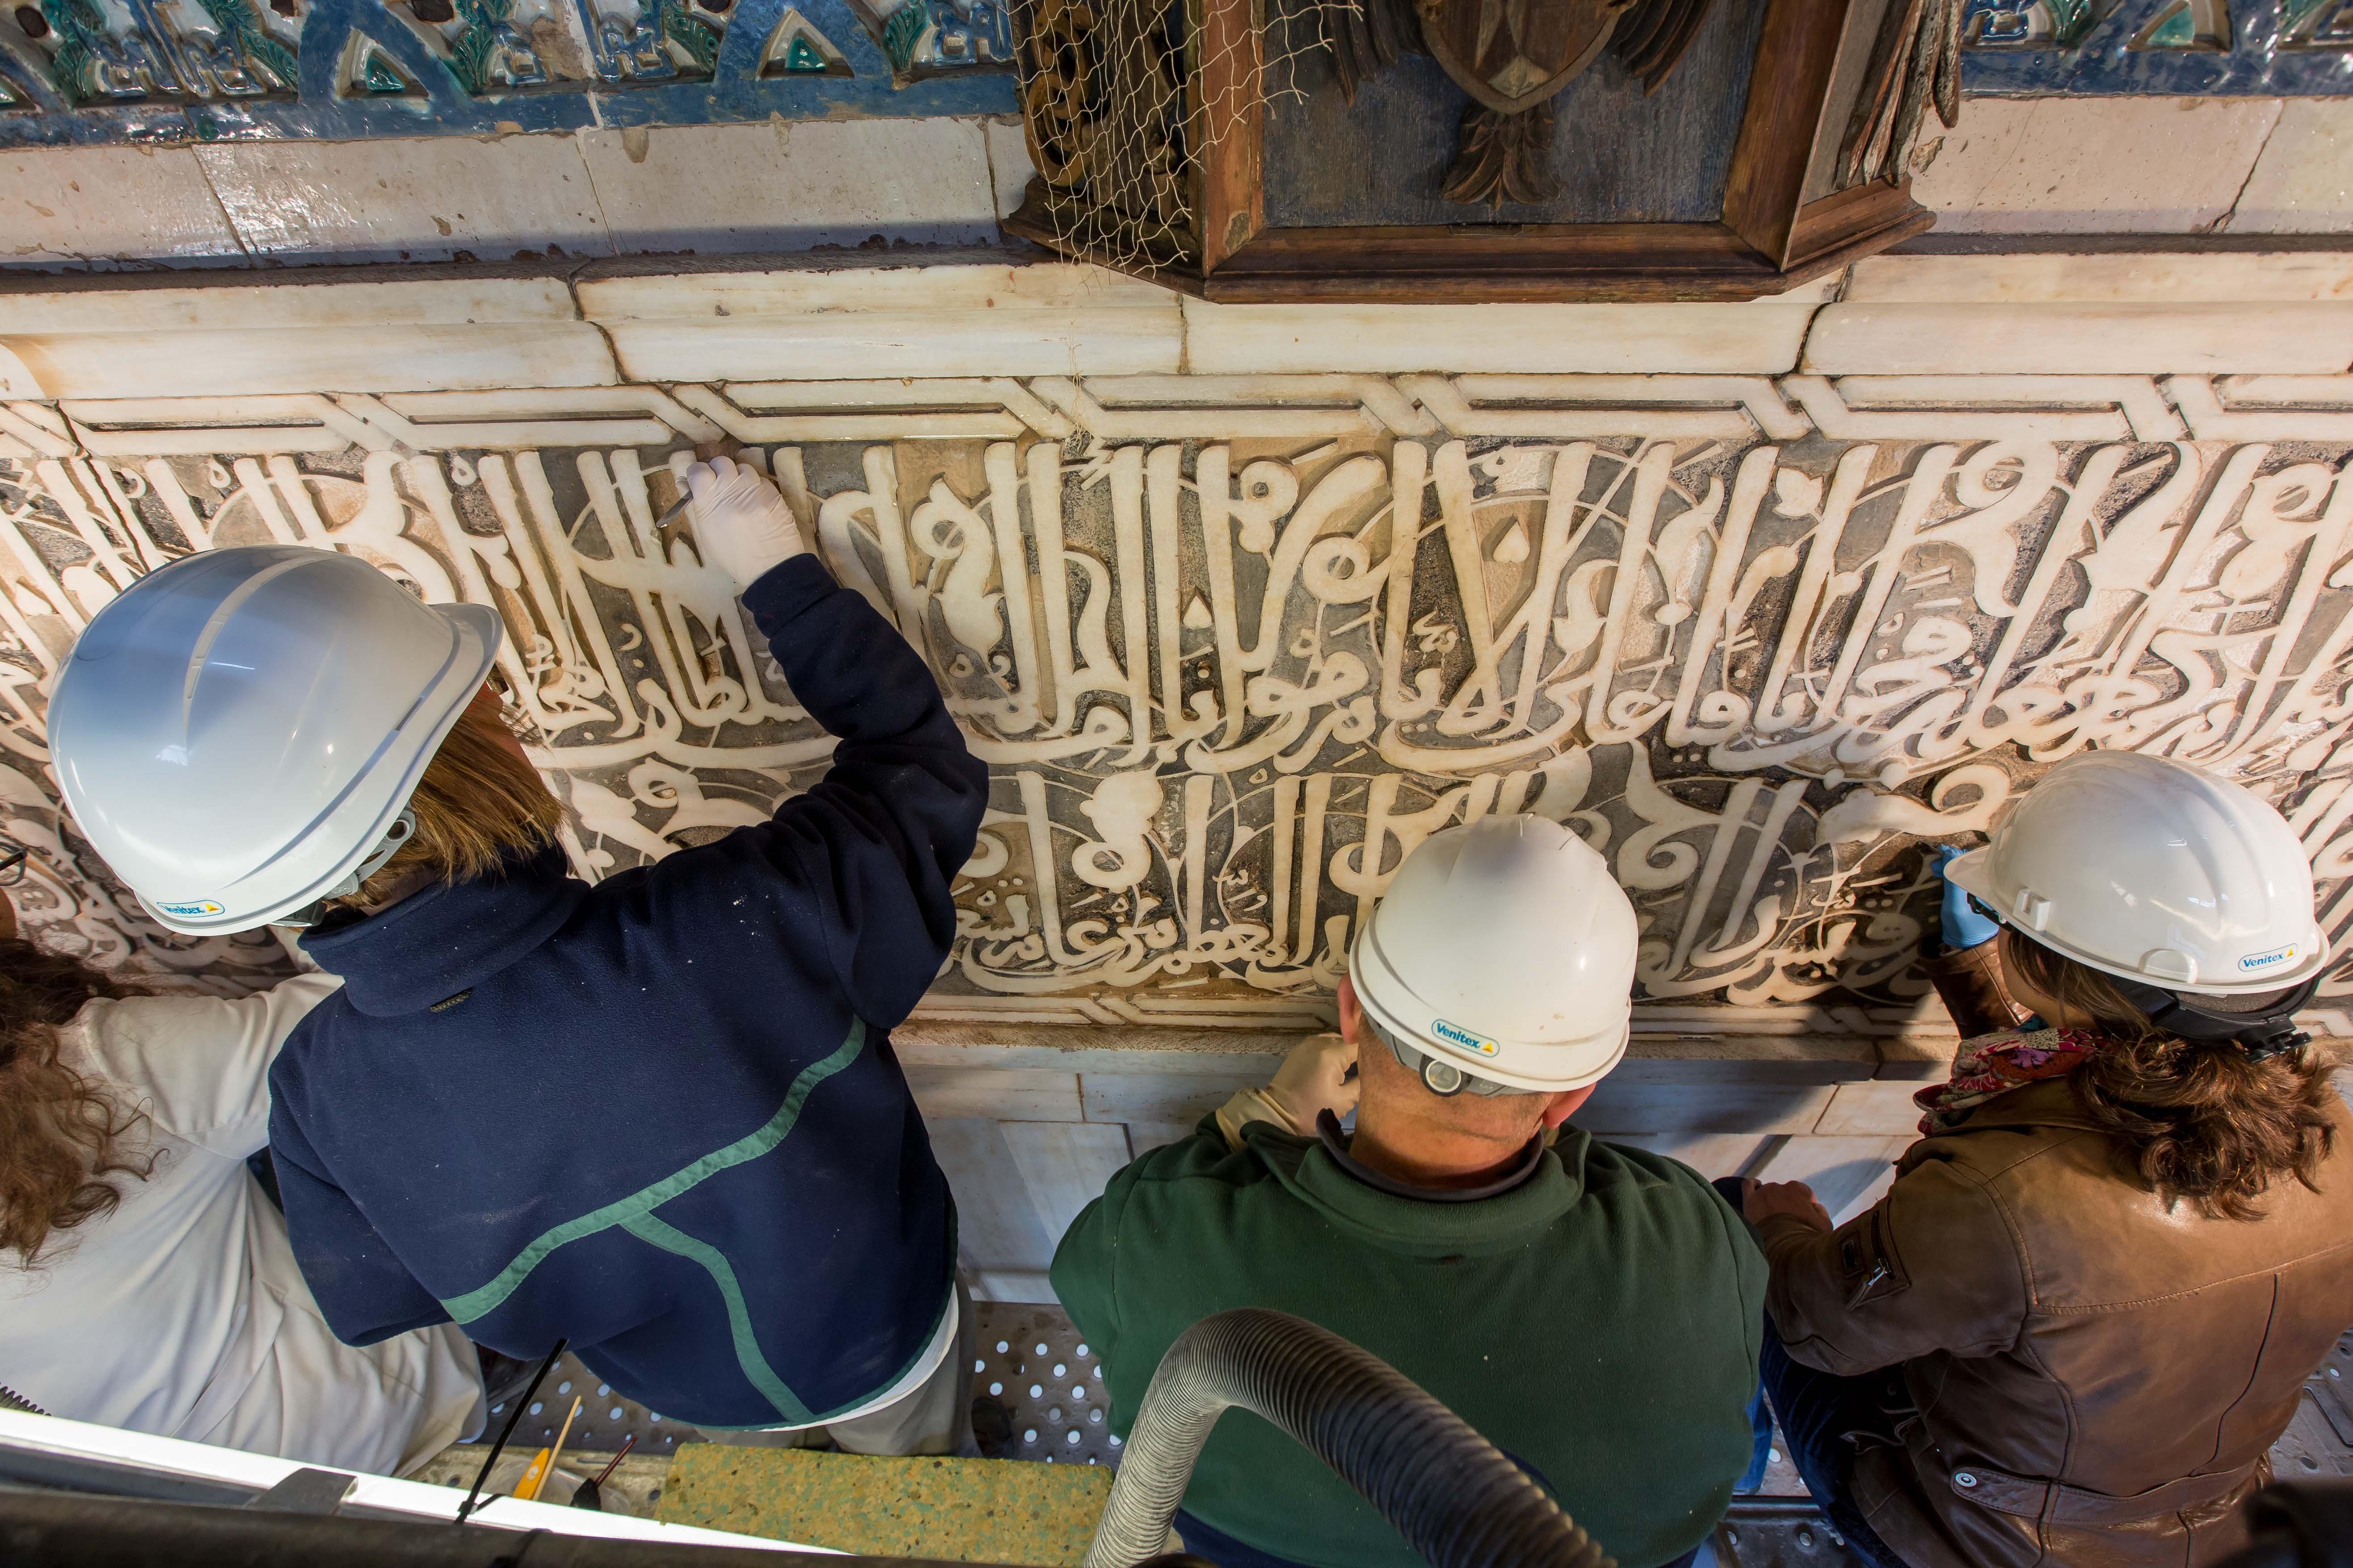 La restauración de la Puerta de la Justicia desvela detalles decorativos y técnicas artesanales de la Alhambra medieval